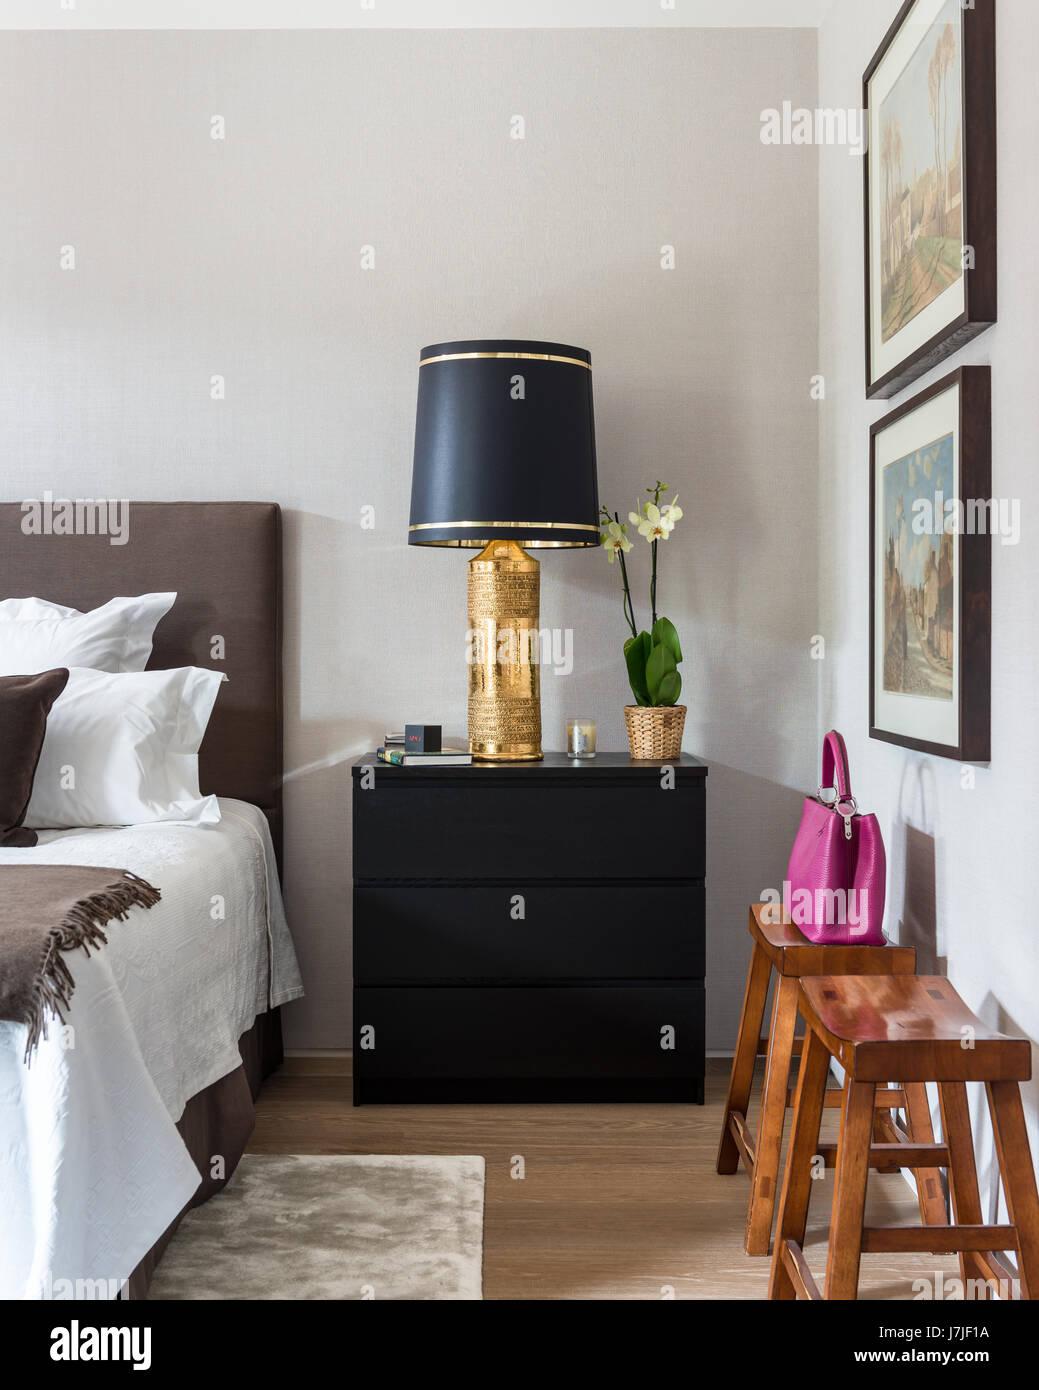 Vergoldete Nachttischlampe Auf Ikea Malm Truhe Im Schlafzimmer Mit Rustikalen Stil Hocker Stockfotografie Alamy